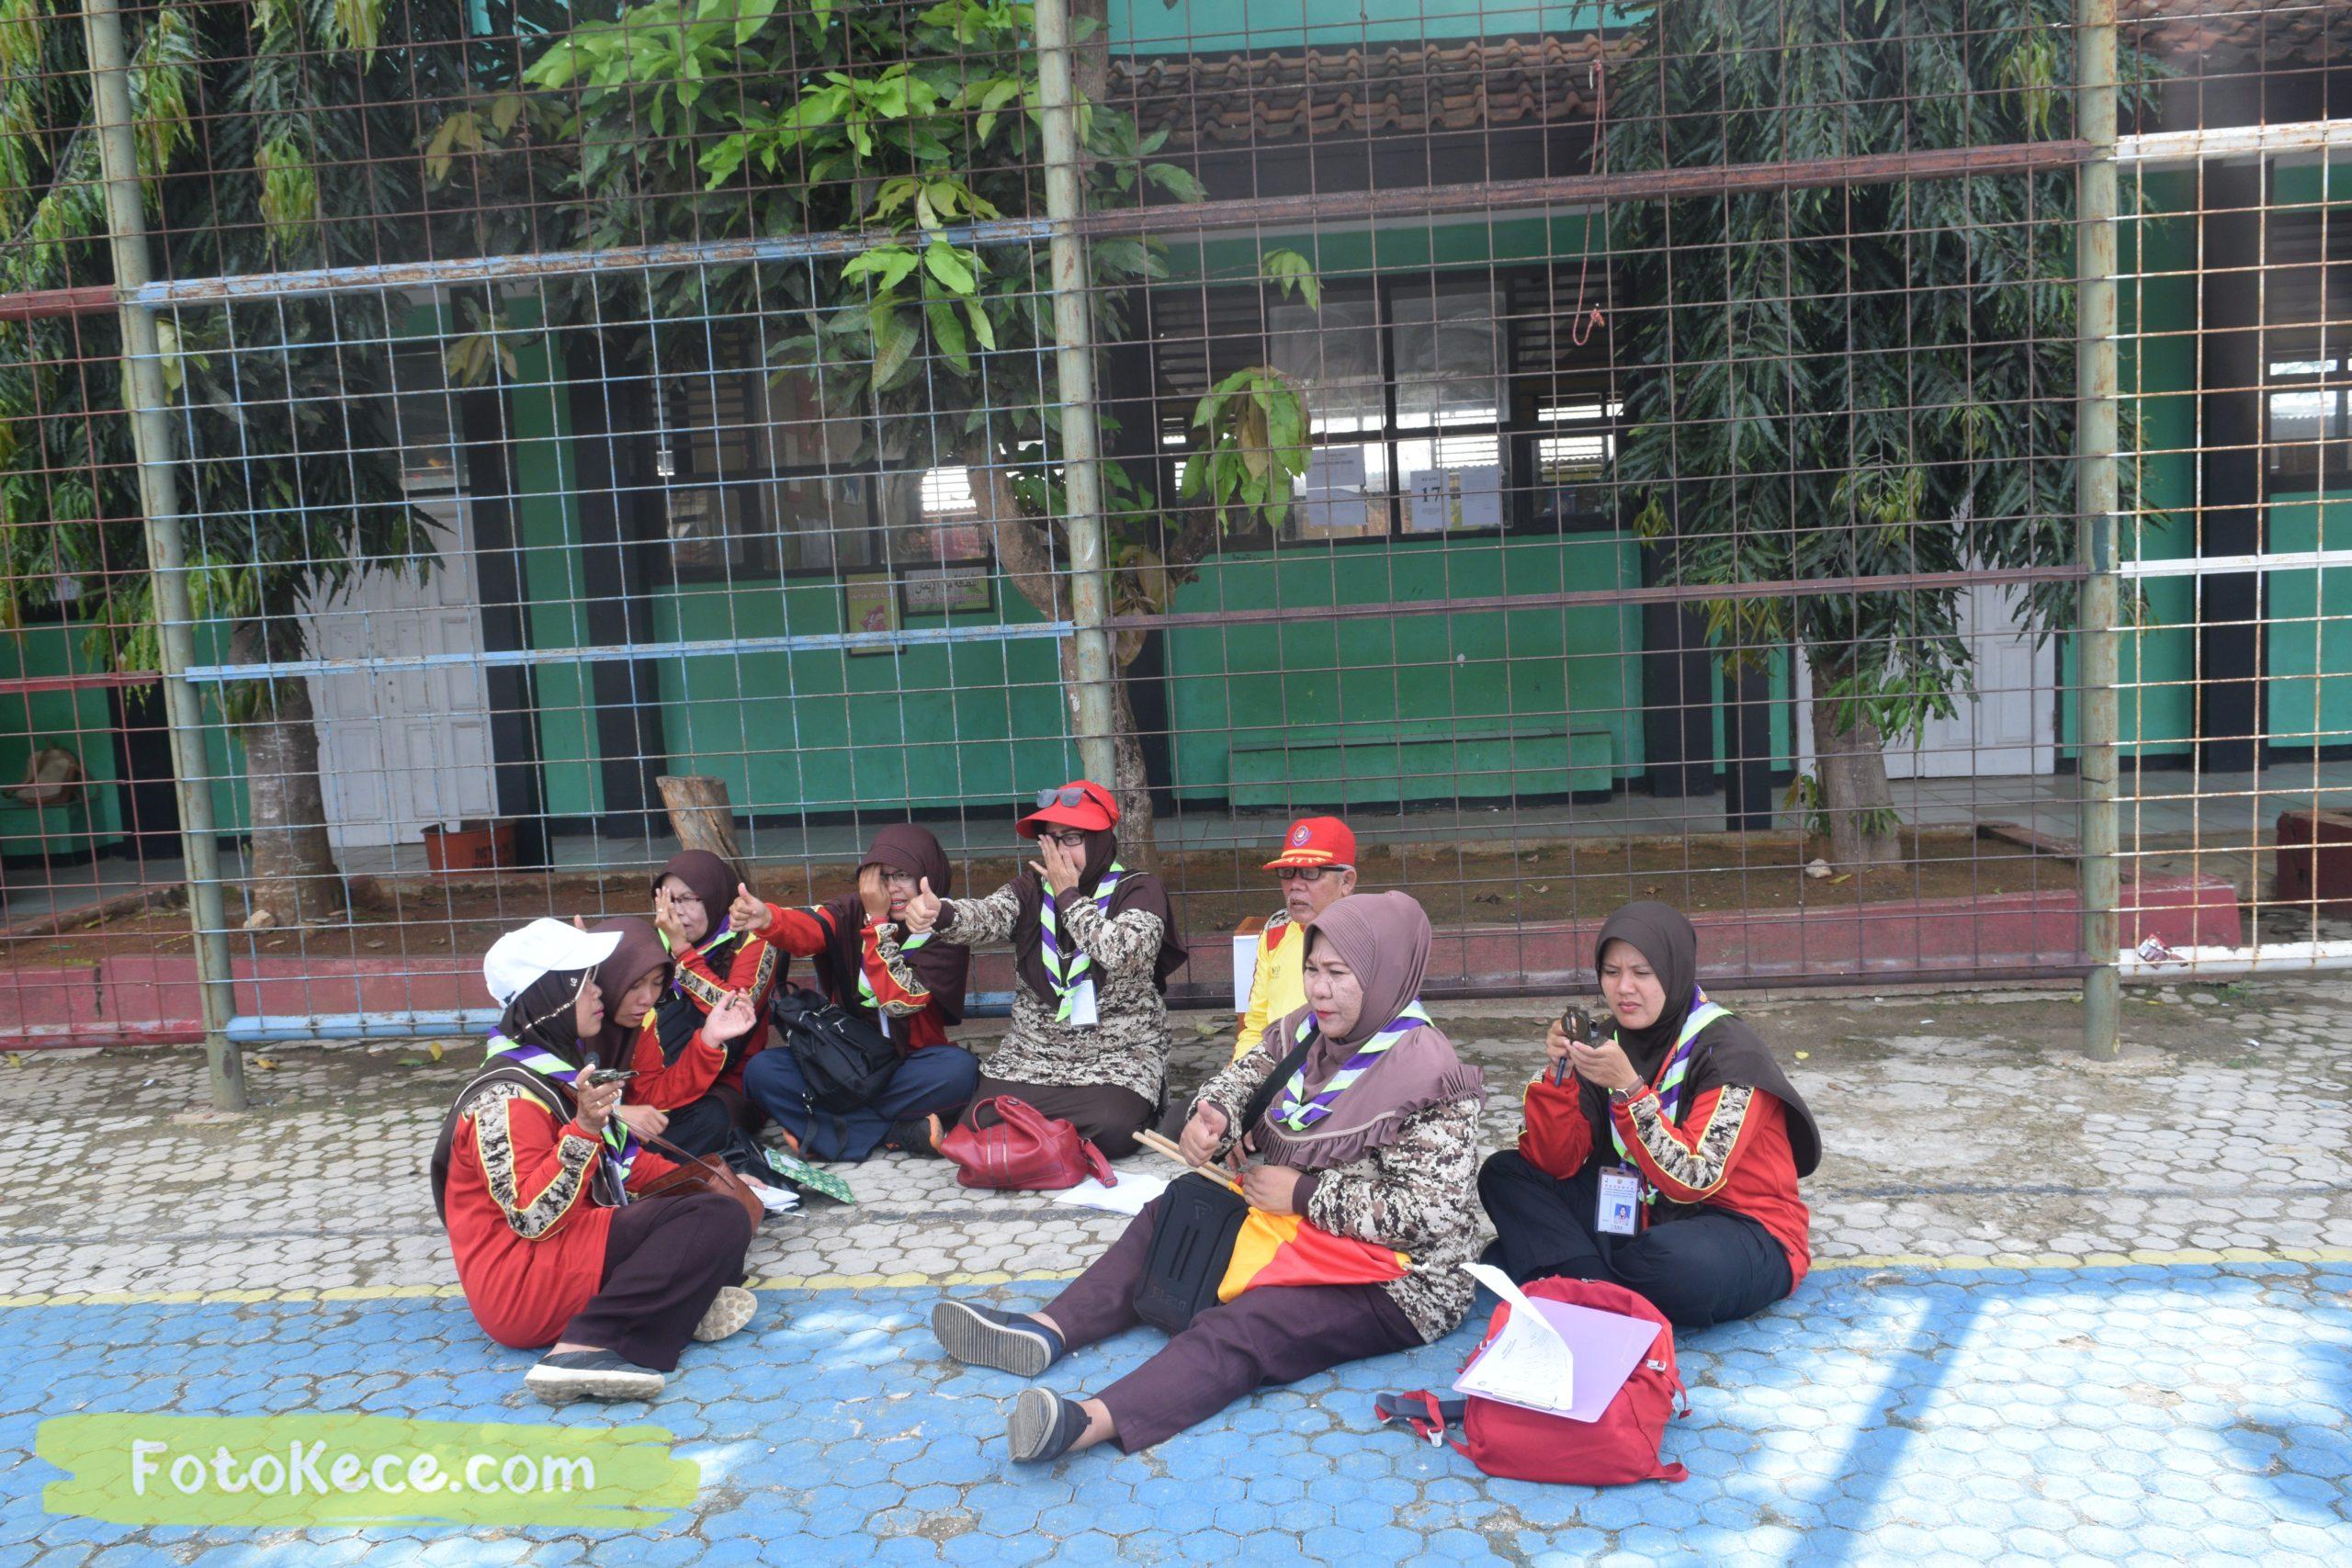 kehebohan pada kursus pembina mahir tingkat dasar kmd kwartir ranting surade 2019 fotokece Des 2019 77 scaled